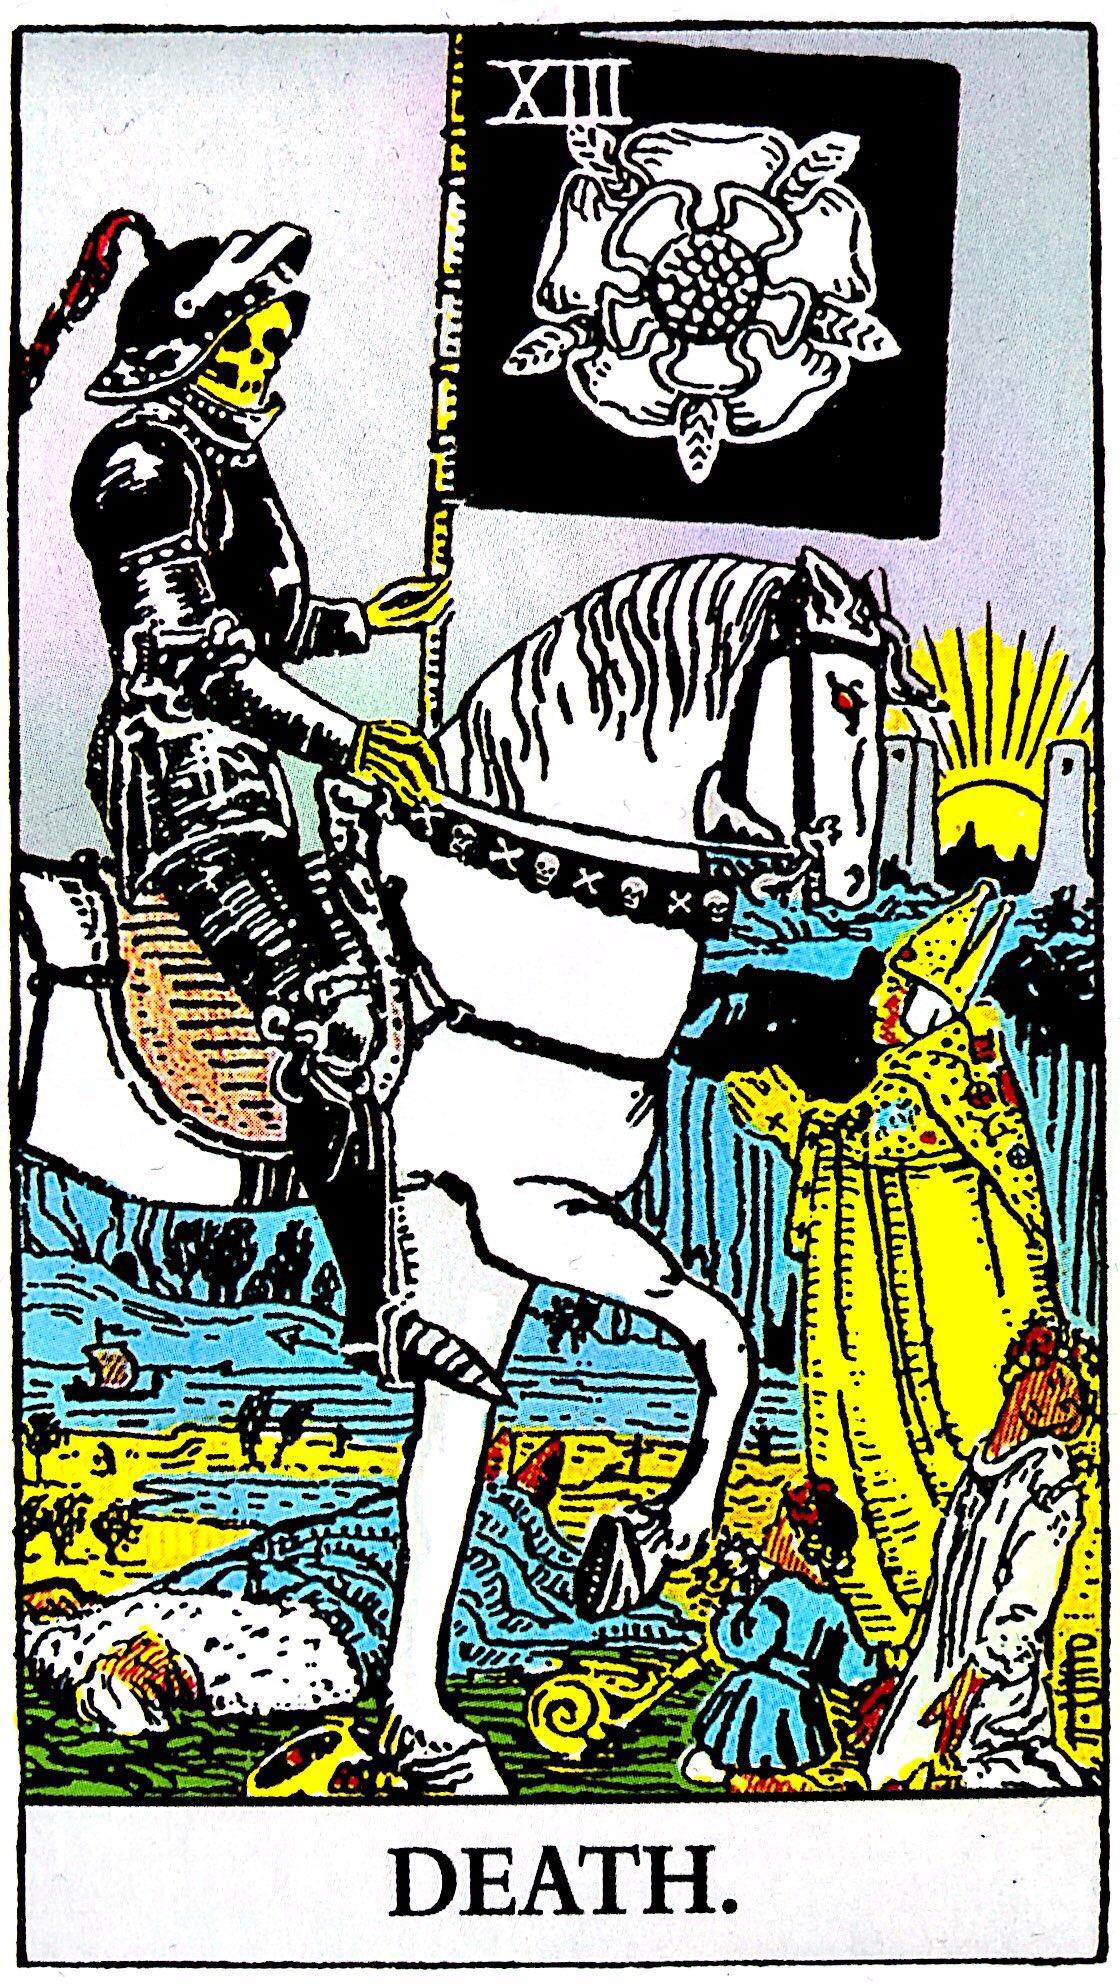 タロット占い「死神」の意味【正位置】